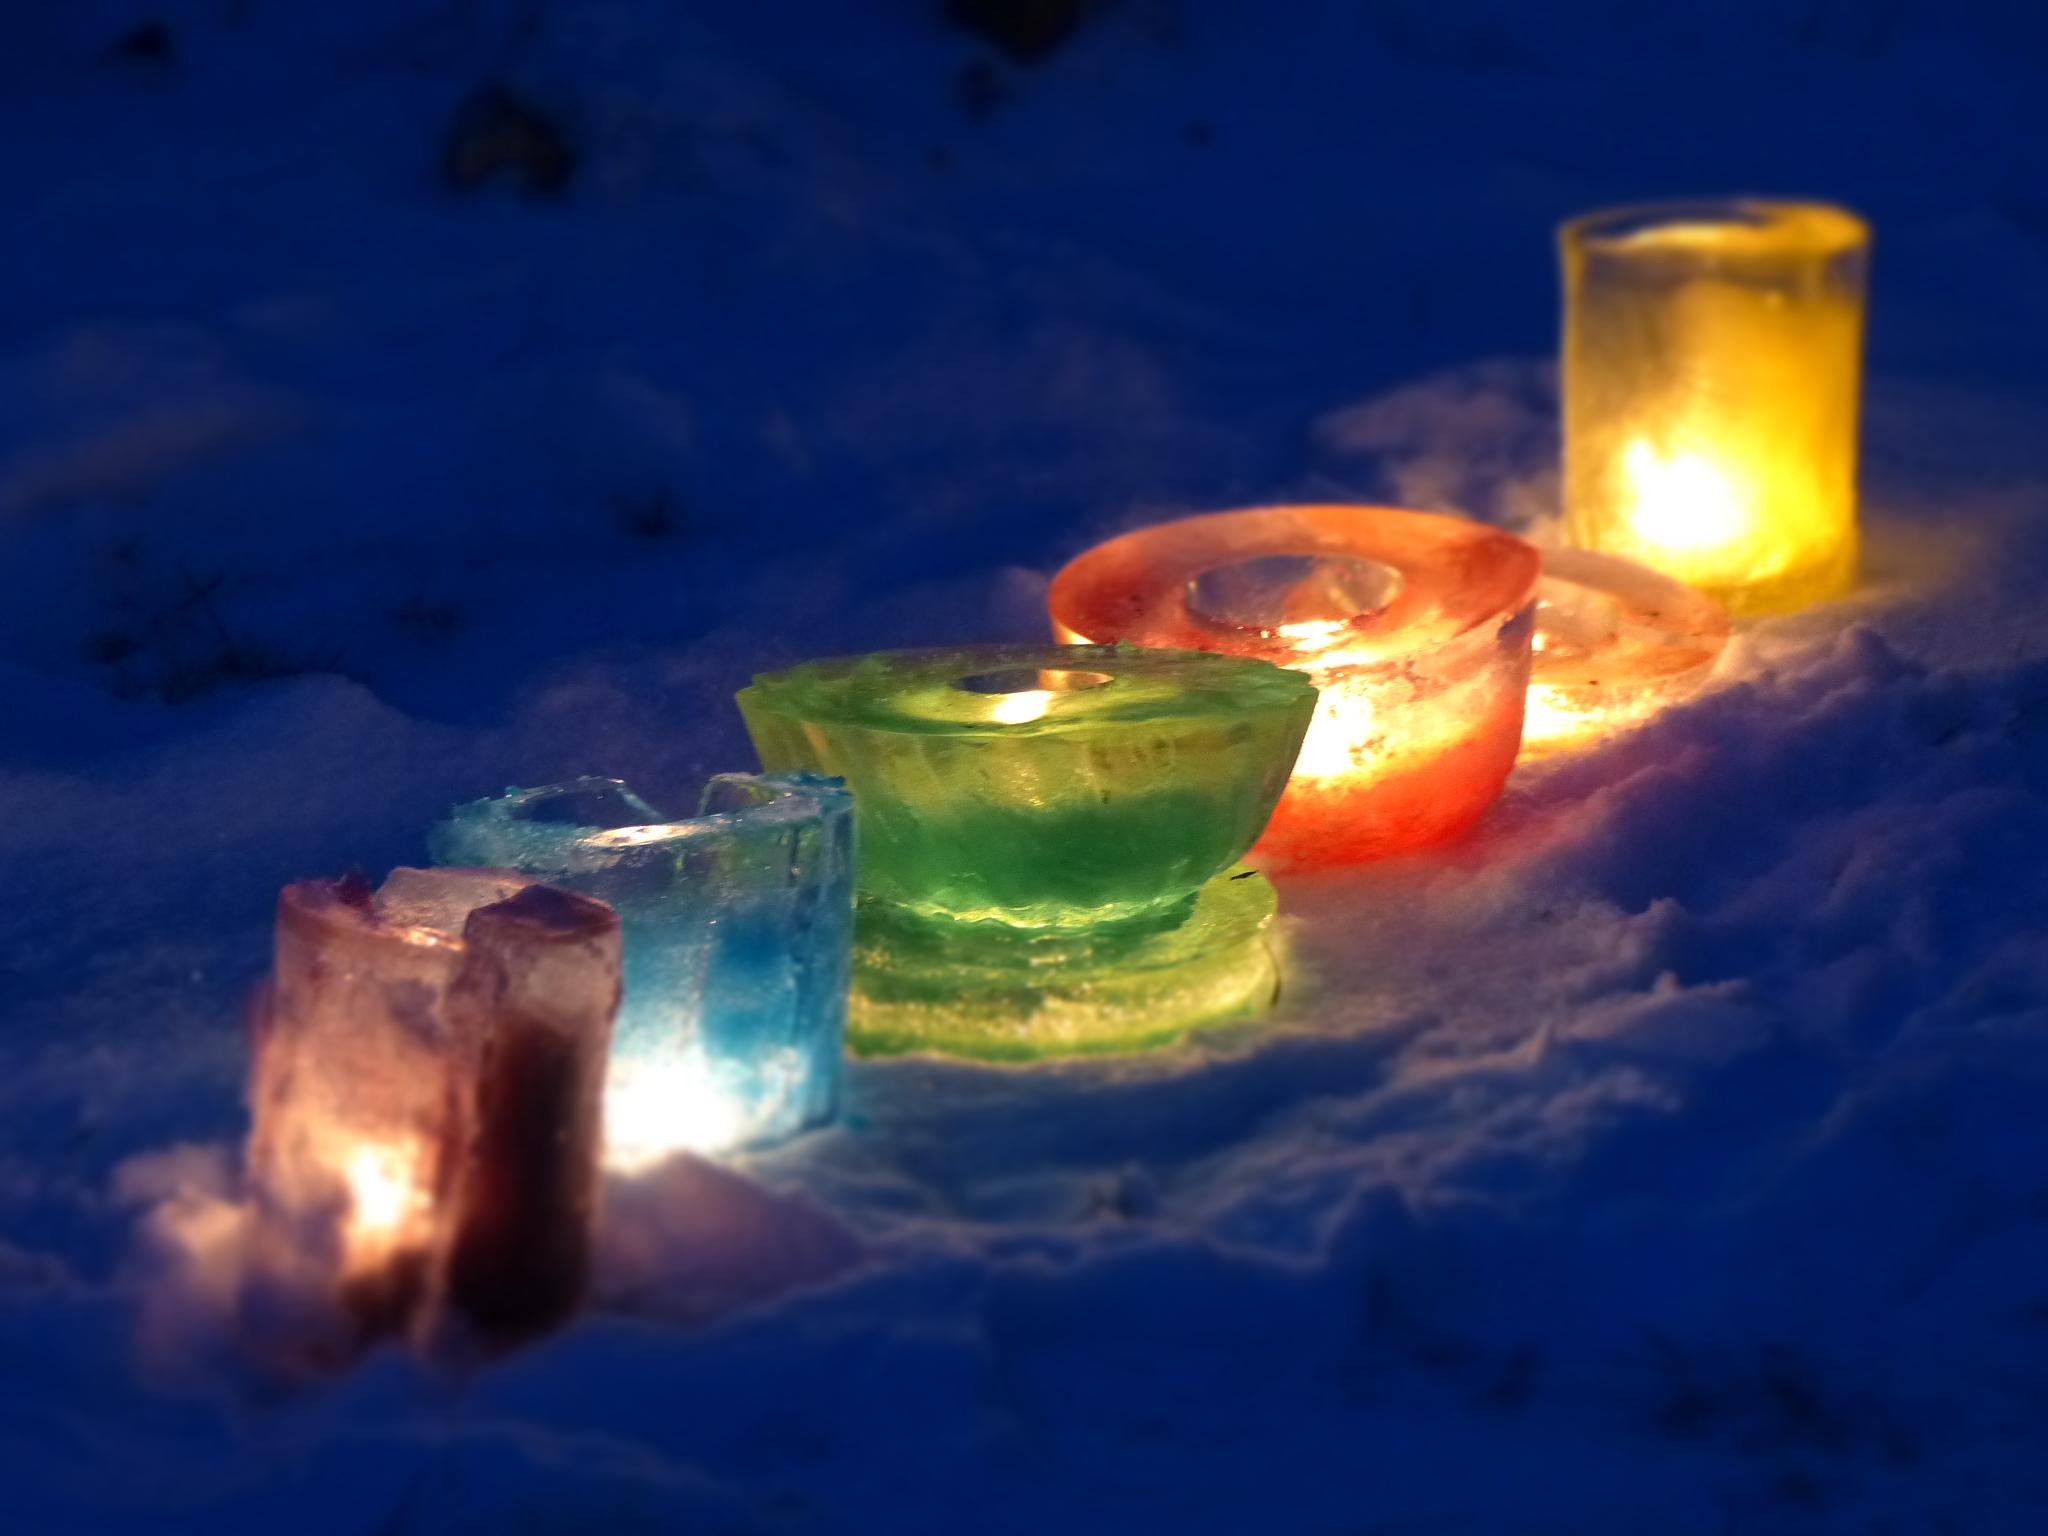 Eislaternen bei frostigen Temperaturen. Es sind magische Lichter, eine wunderbar einladende Atmosphäre, die bezaubernd aussieht.